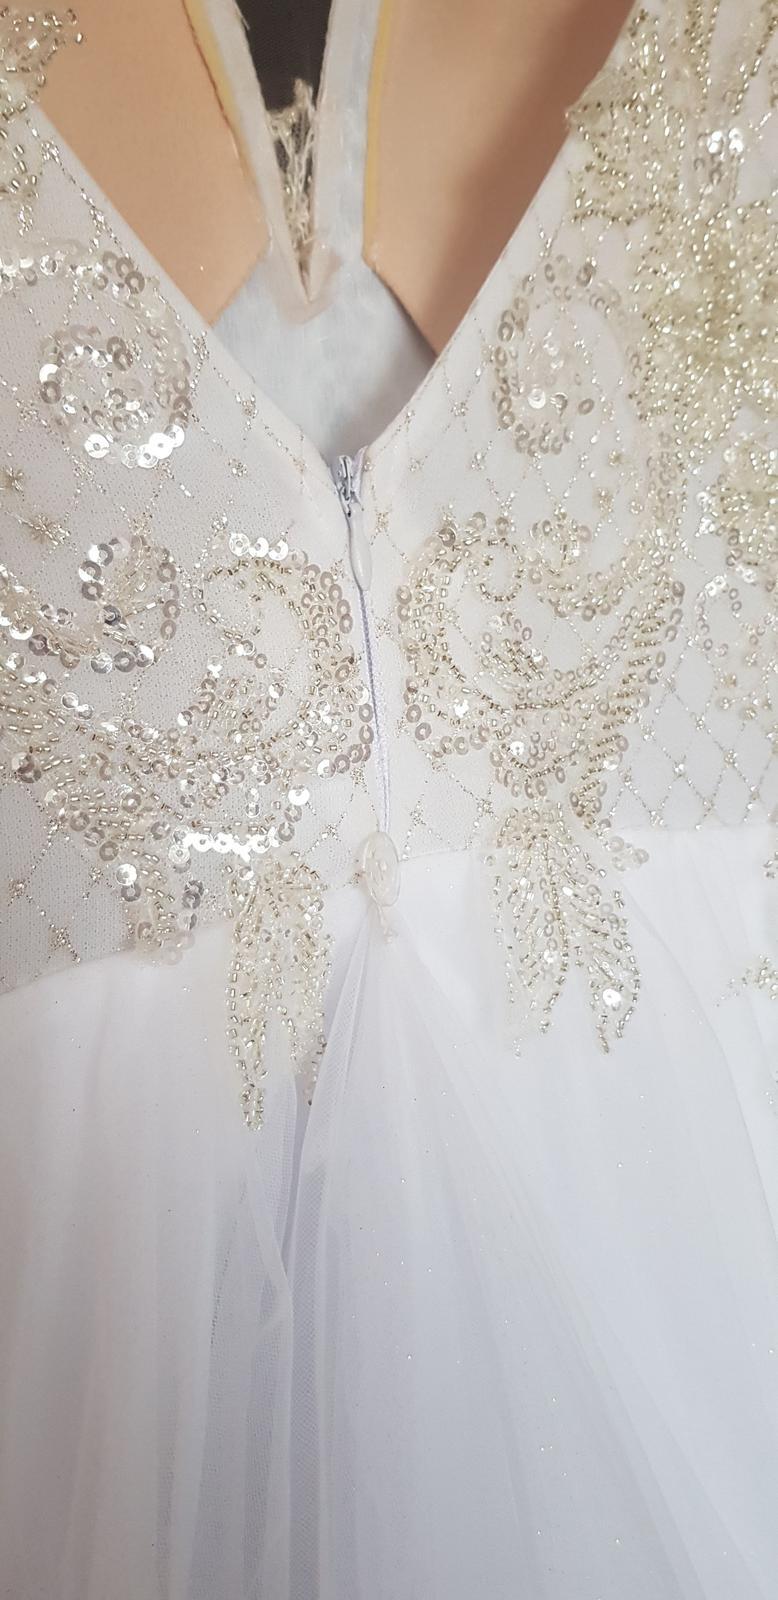 Svadobné šaty s trblietavou bielou sukňou, vyšívané perličkami- 34/36 - Obrázok č. 2